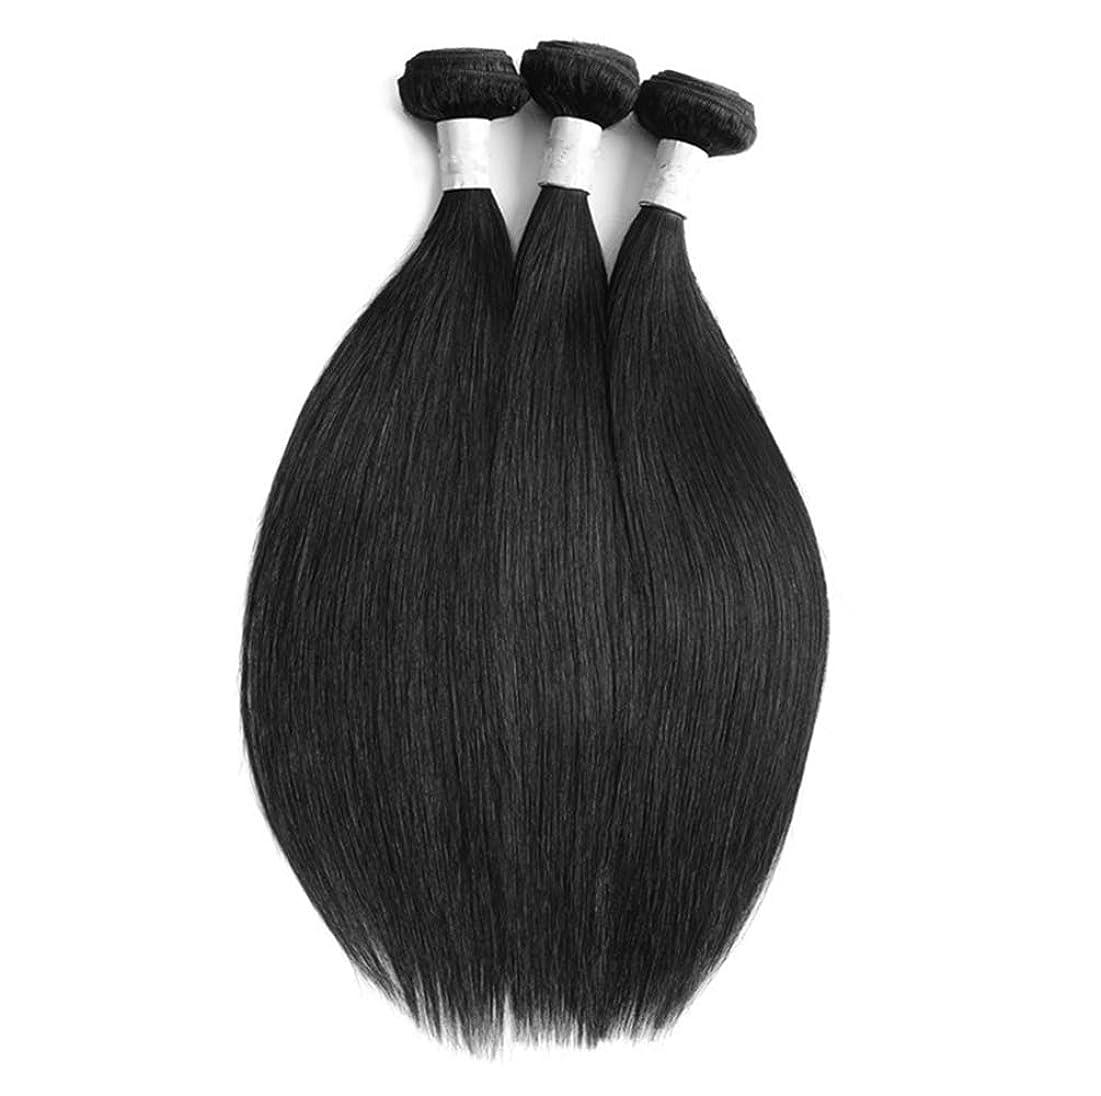 奨学金現実には自転車ブラジルのバージンの毛の織り方の束のまっすぐな束の人間の毛髪のよこ糸8Aの未処理のバージンの人間の毛髪延長